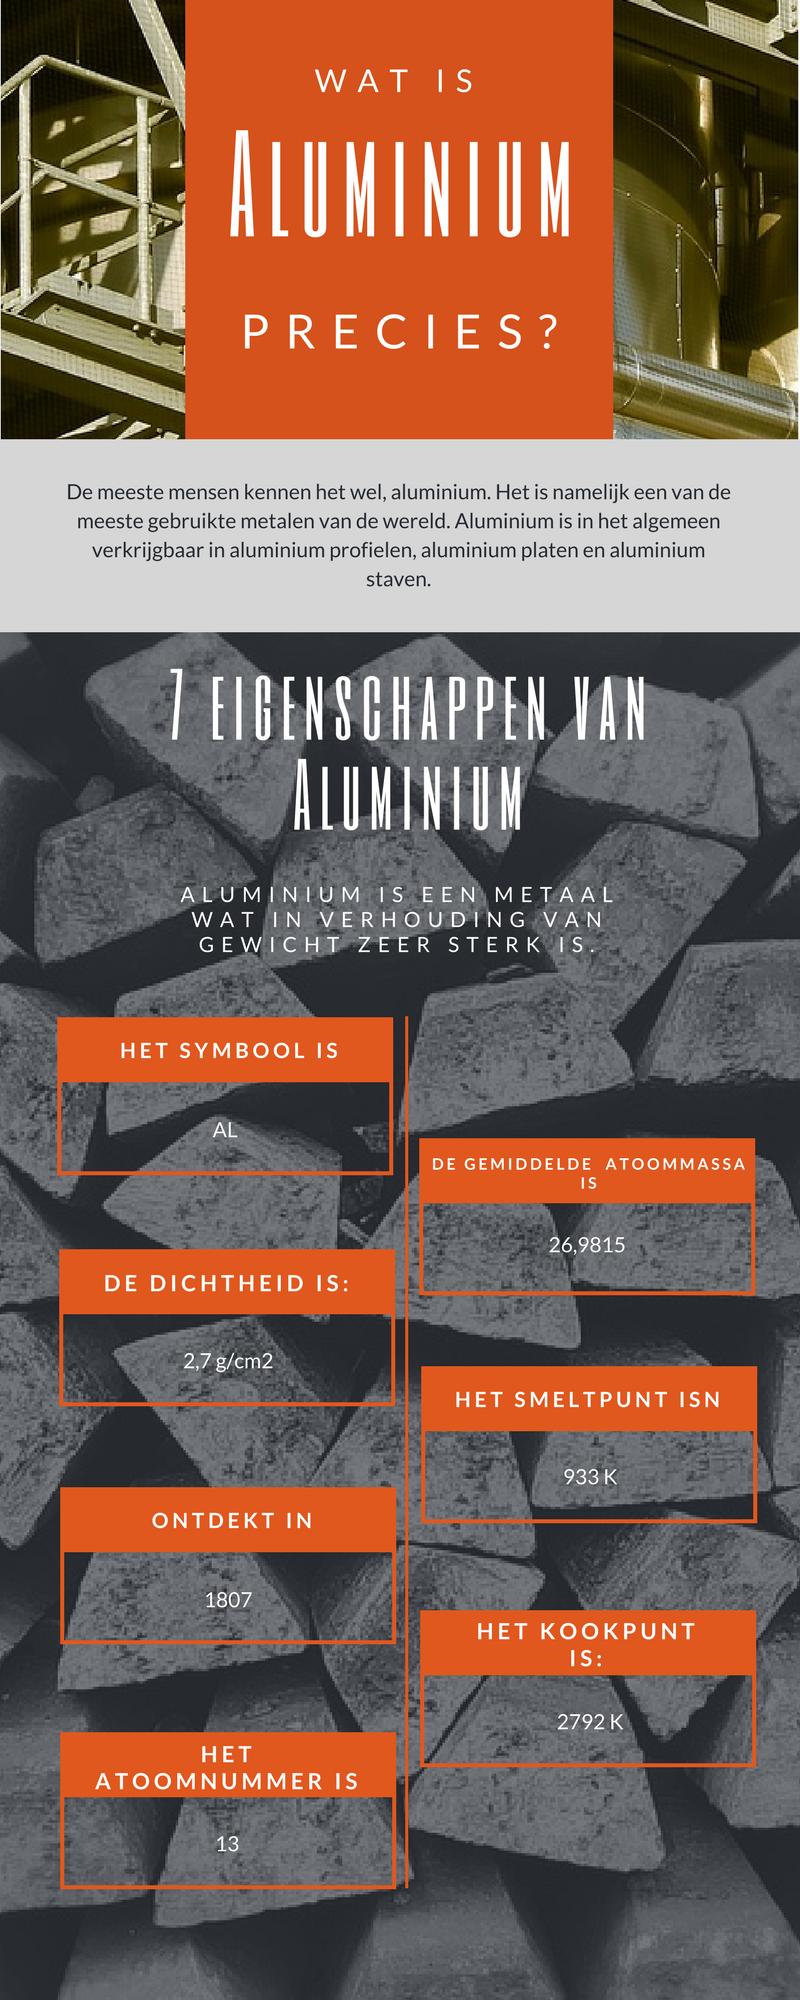 wat-is-aluminium-precies